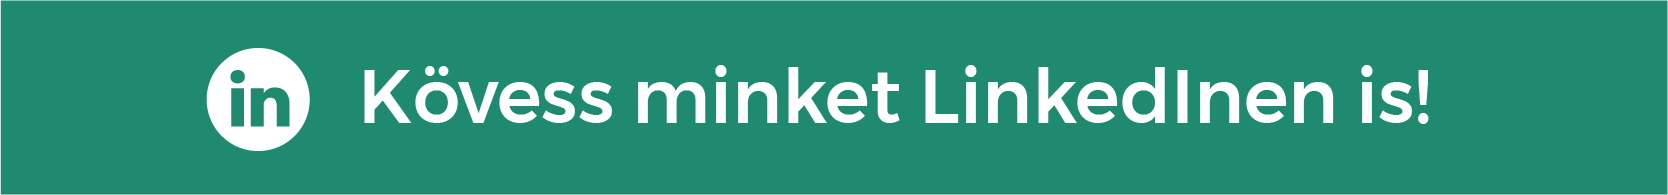 02_linkedin_1.jpg